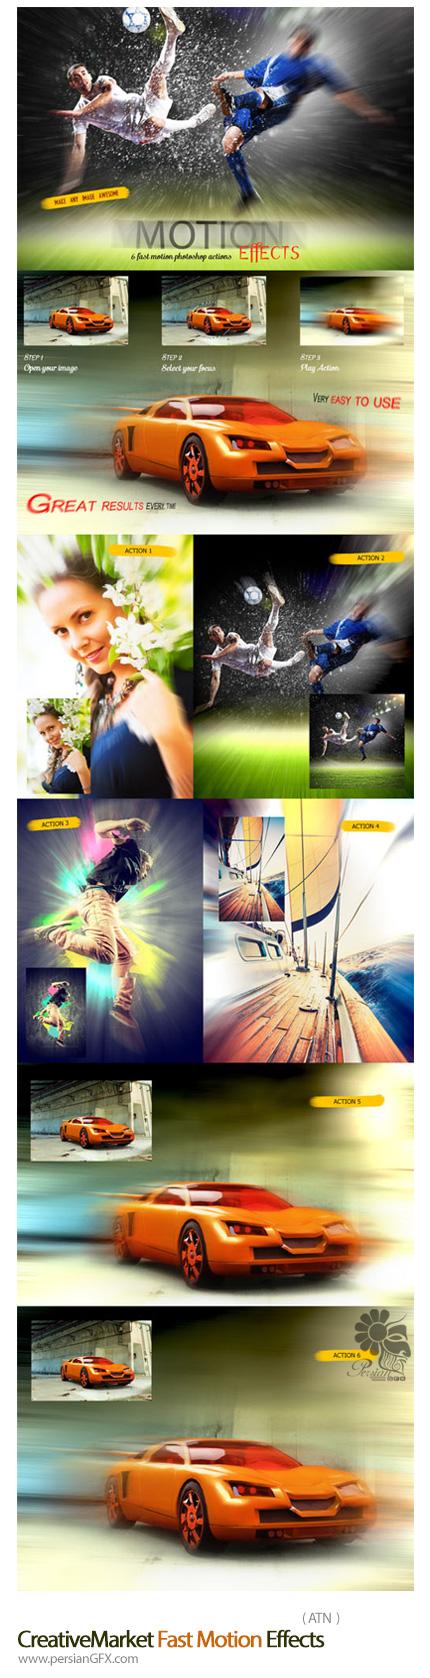 دانلود اکشن فتوشاپ ایجاد افکت نمایش حرکت سریع - CreativeMarket Fast Motion Effects